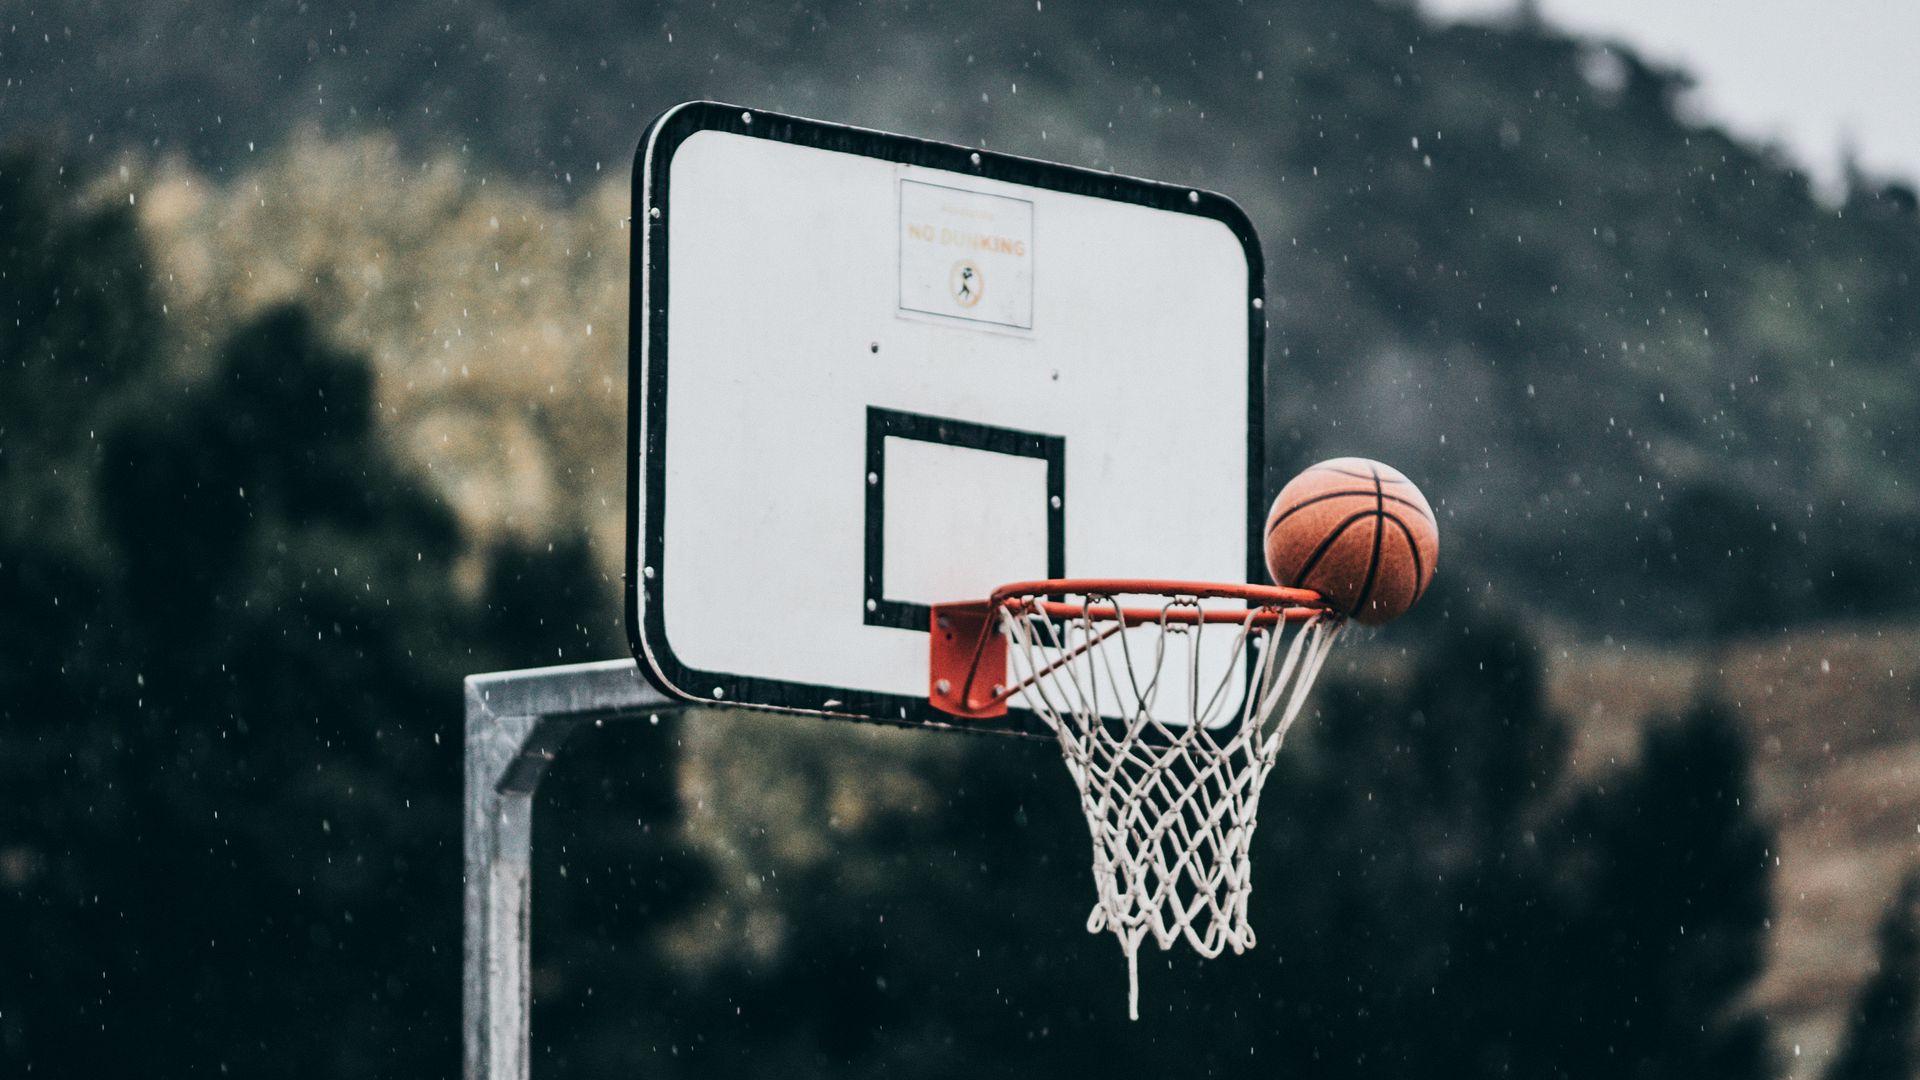 Hình ảnh đẹp về bóng rổ